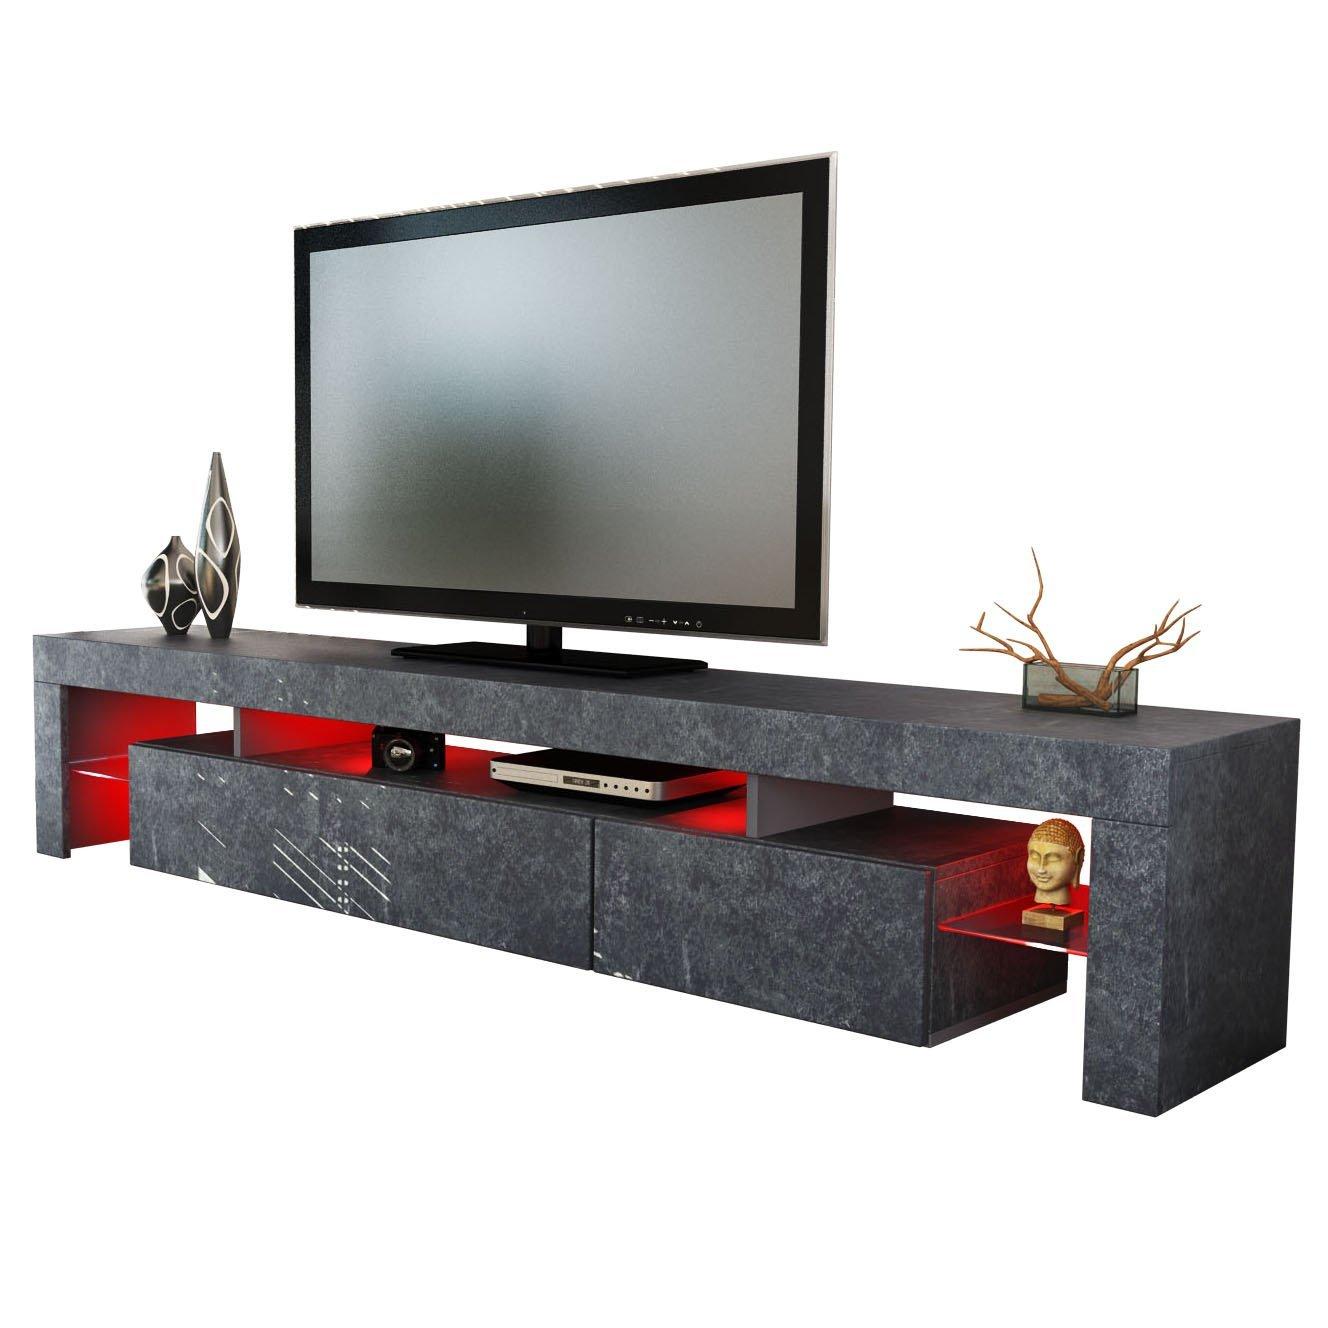 Lowboard Tv Schwarz Perfect Tv Lowboard Schwarz Glas Tv Board Ikea